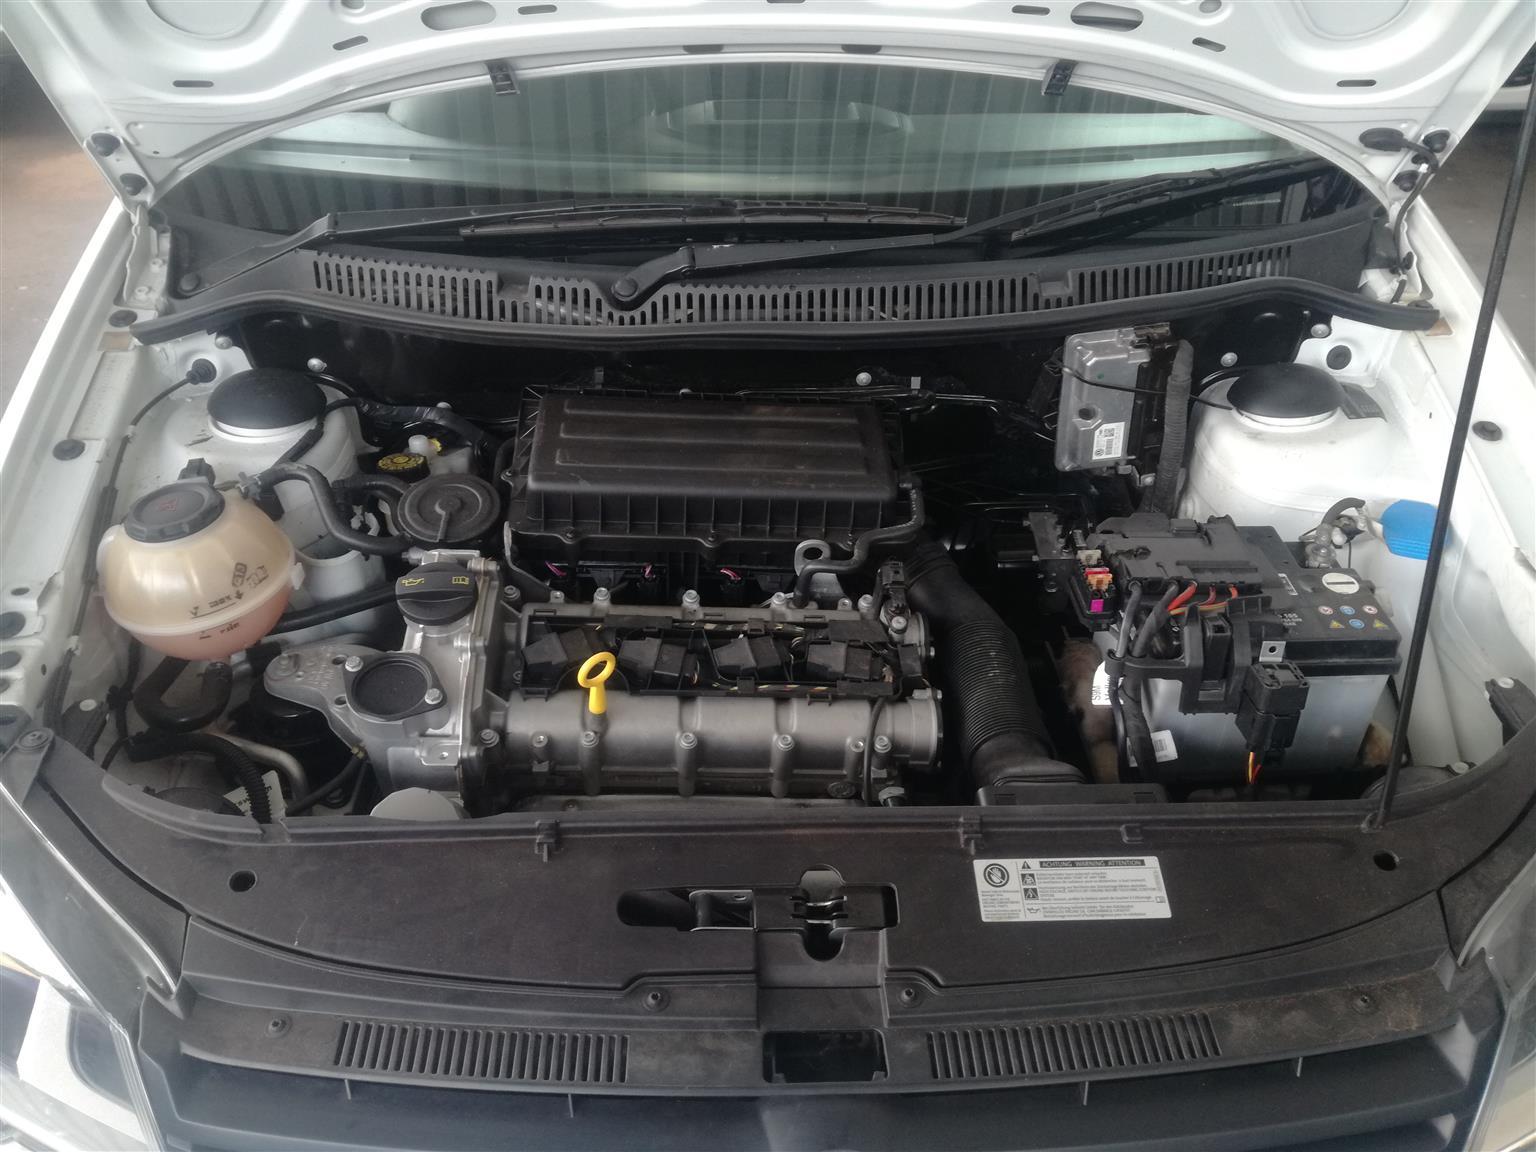 2017 VW Polo Vivo 5 door 1.4